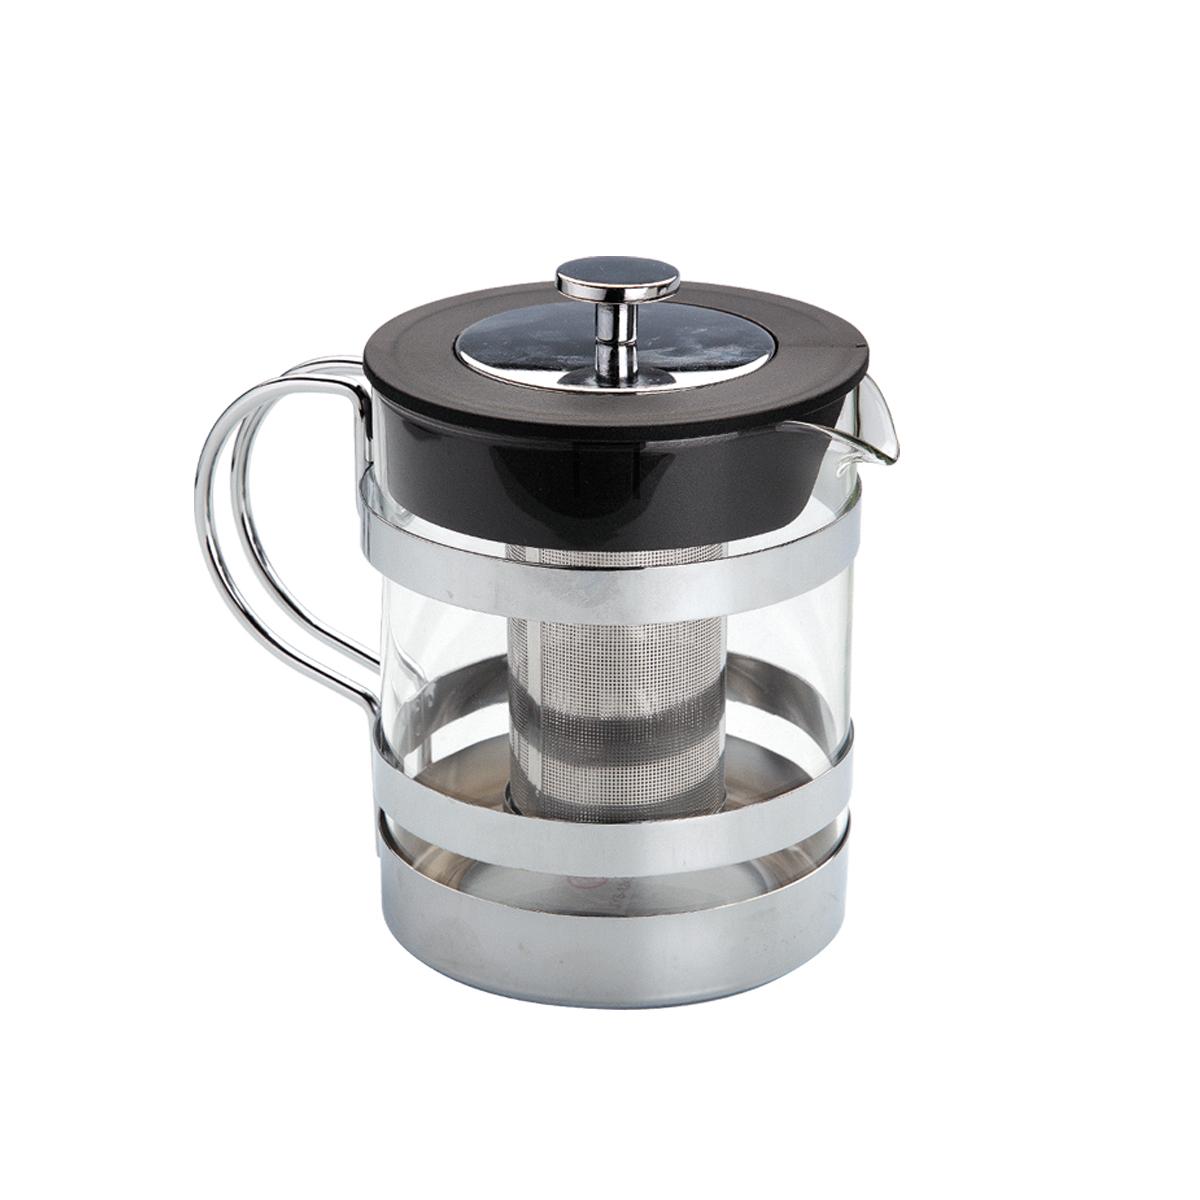 Чайник заварочный Augustin Welz, с фильтром, 1,2 л513813Чайник заварочный Augustin Welz, изготовленный из закаленного стекла, предоставит вам все необходимые возможности для успешного заваривания чая. Чай в таком чайнике дольше остается горячим, а полезные и ароматические вещества полностью сохраняются в напитке. Чайник оснащен фильтром и крышкой. Фильтр выполнен из нержавеющей стали. Простой и удобный чайник поможет вам приготовить крепкий, ароматный чай.Рекомендуется ручная чистка в мыльной воде.Диаметр чайника (по верхнему краю): 11,5 см.Высота чайника (без учета крышки): 14,5 см.Высота фильтра: 9 см.